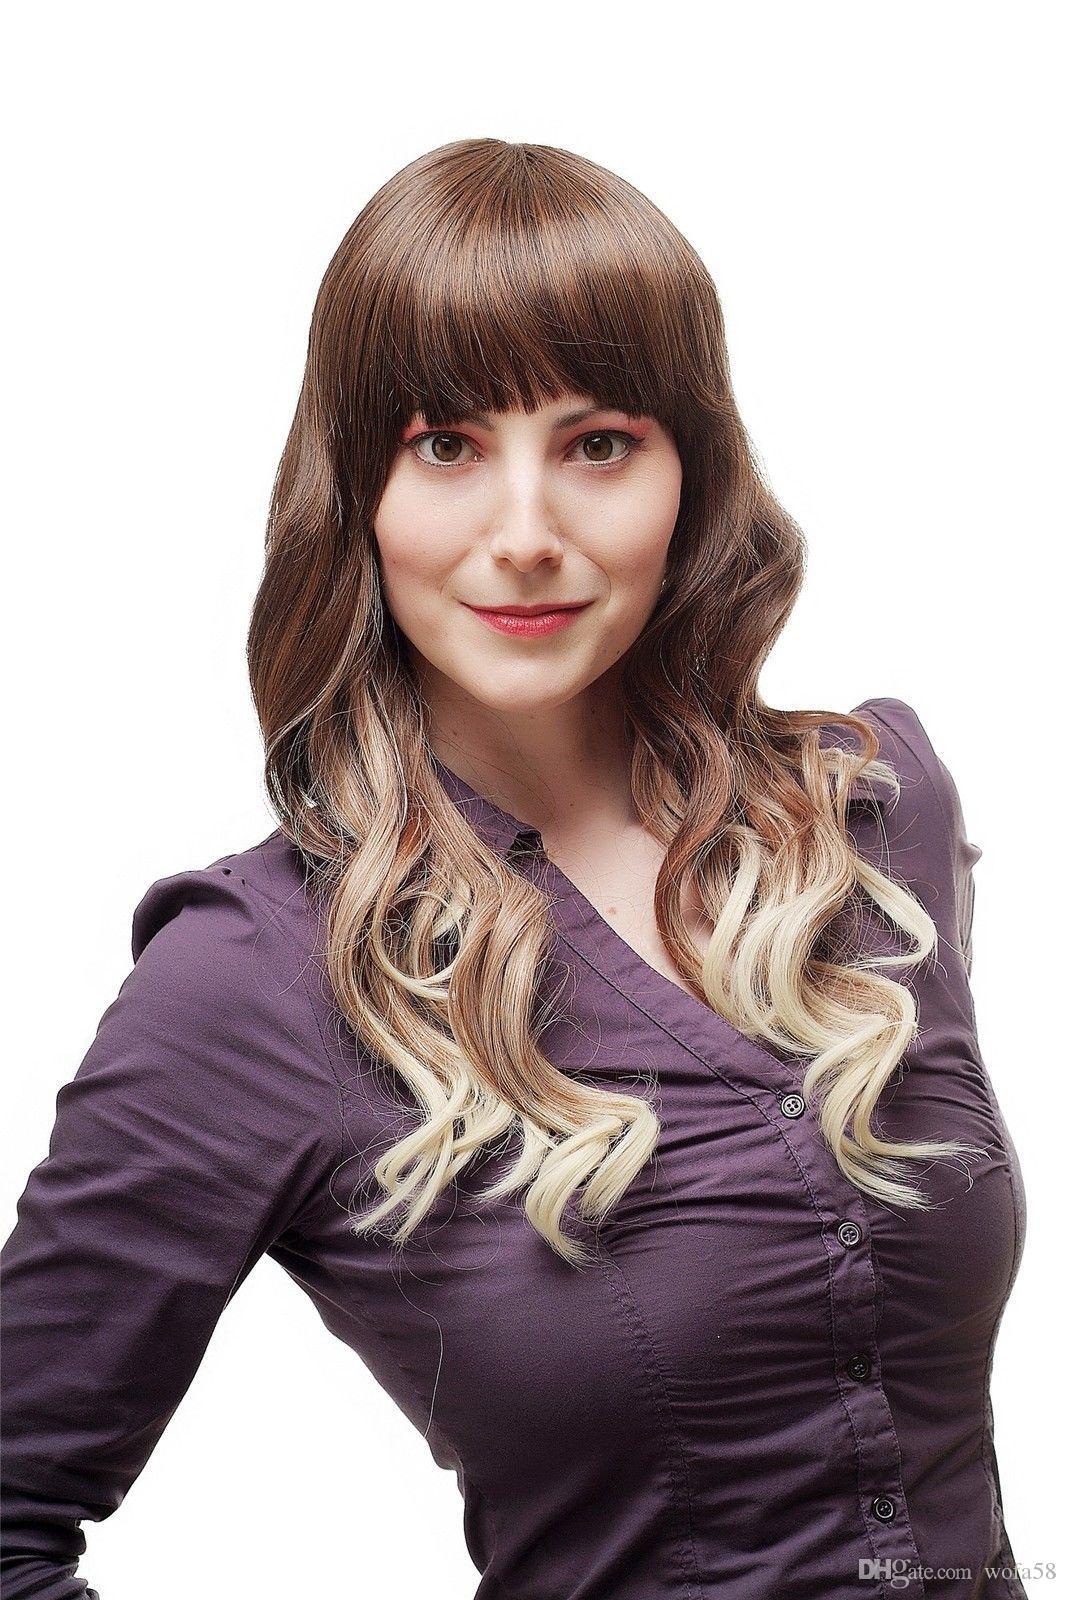 المرأة مثير لمة شعر مستعار أومبير الشعر أربعة لون بني فاتح شقراء متموجة SA060